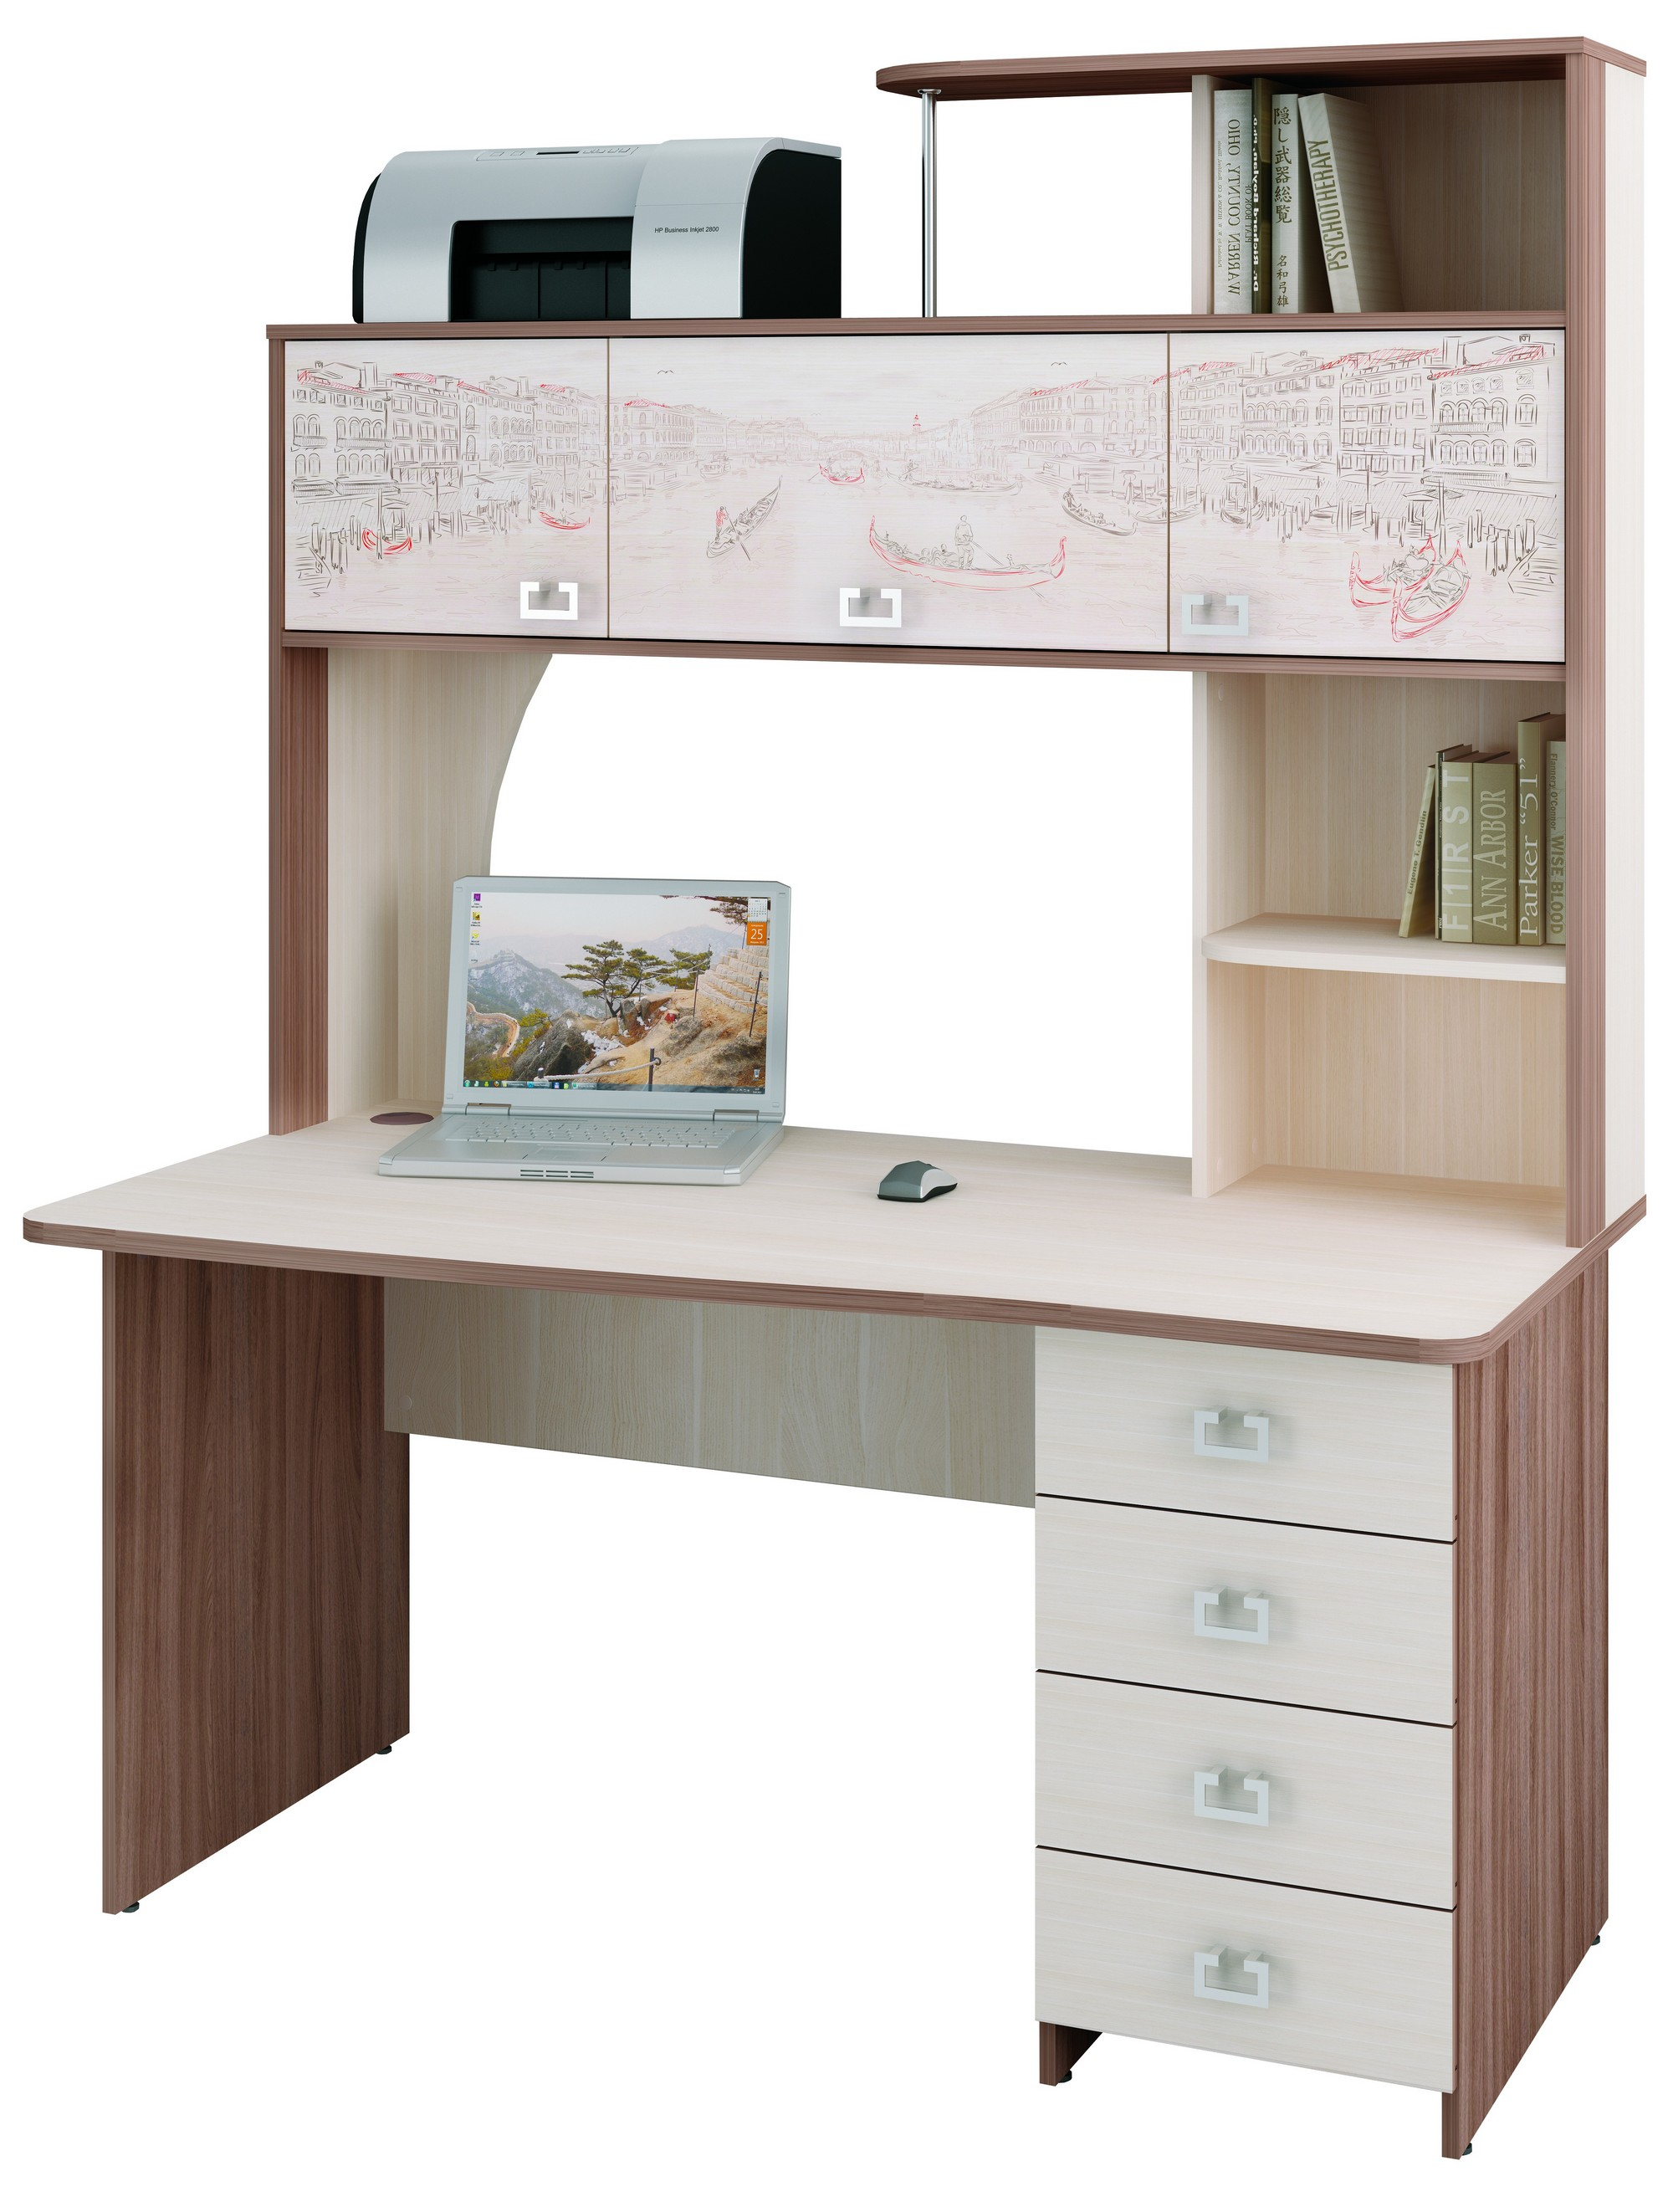 Письменный стол орион 6.10 - купить в интернет-магазине, цен.